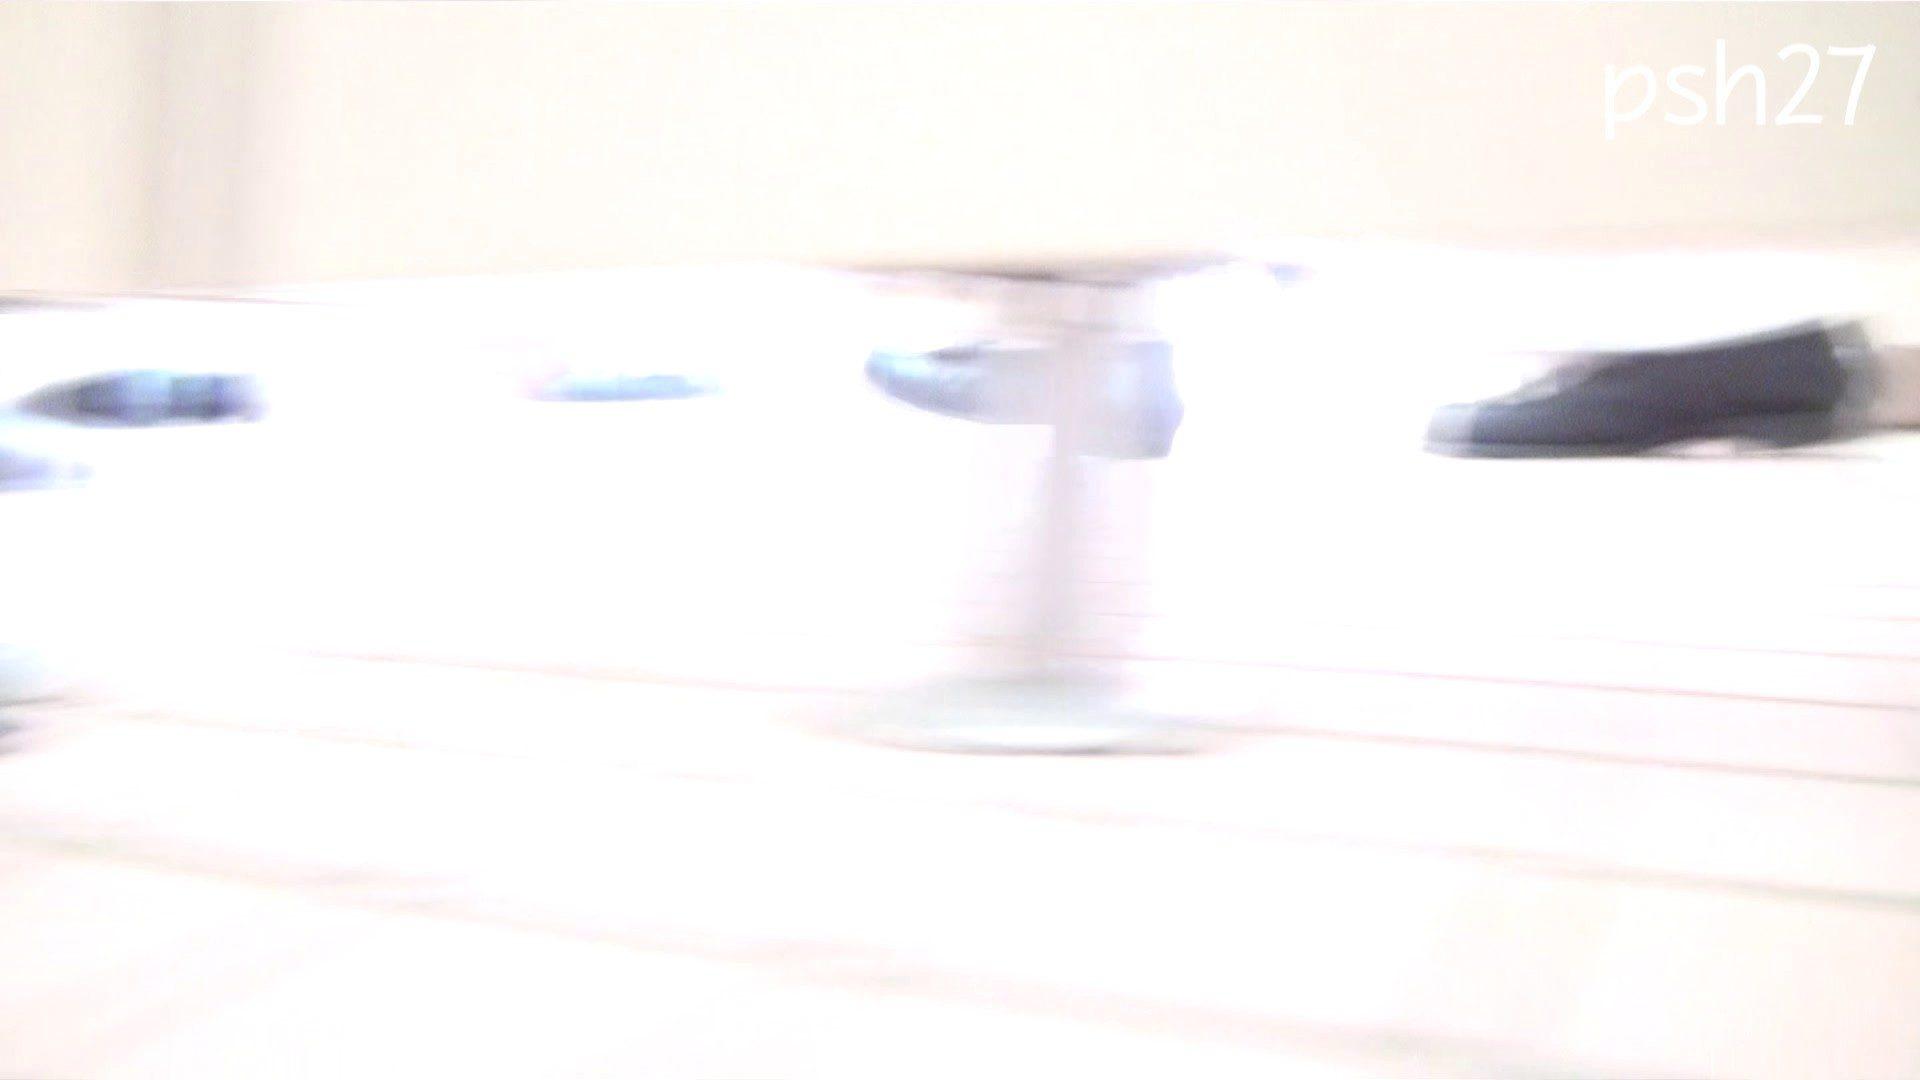 ▲復活限定▲ハイビジョン 盗神伝 Vol.27 盗撮エロすぎ | OL  37連発 19